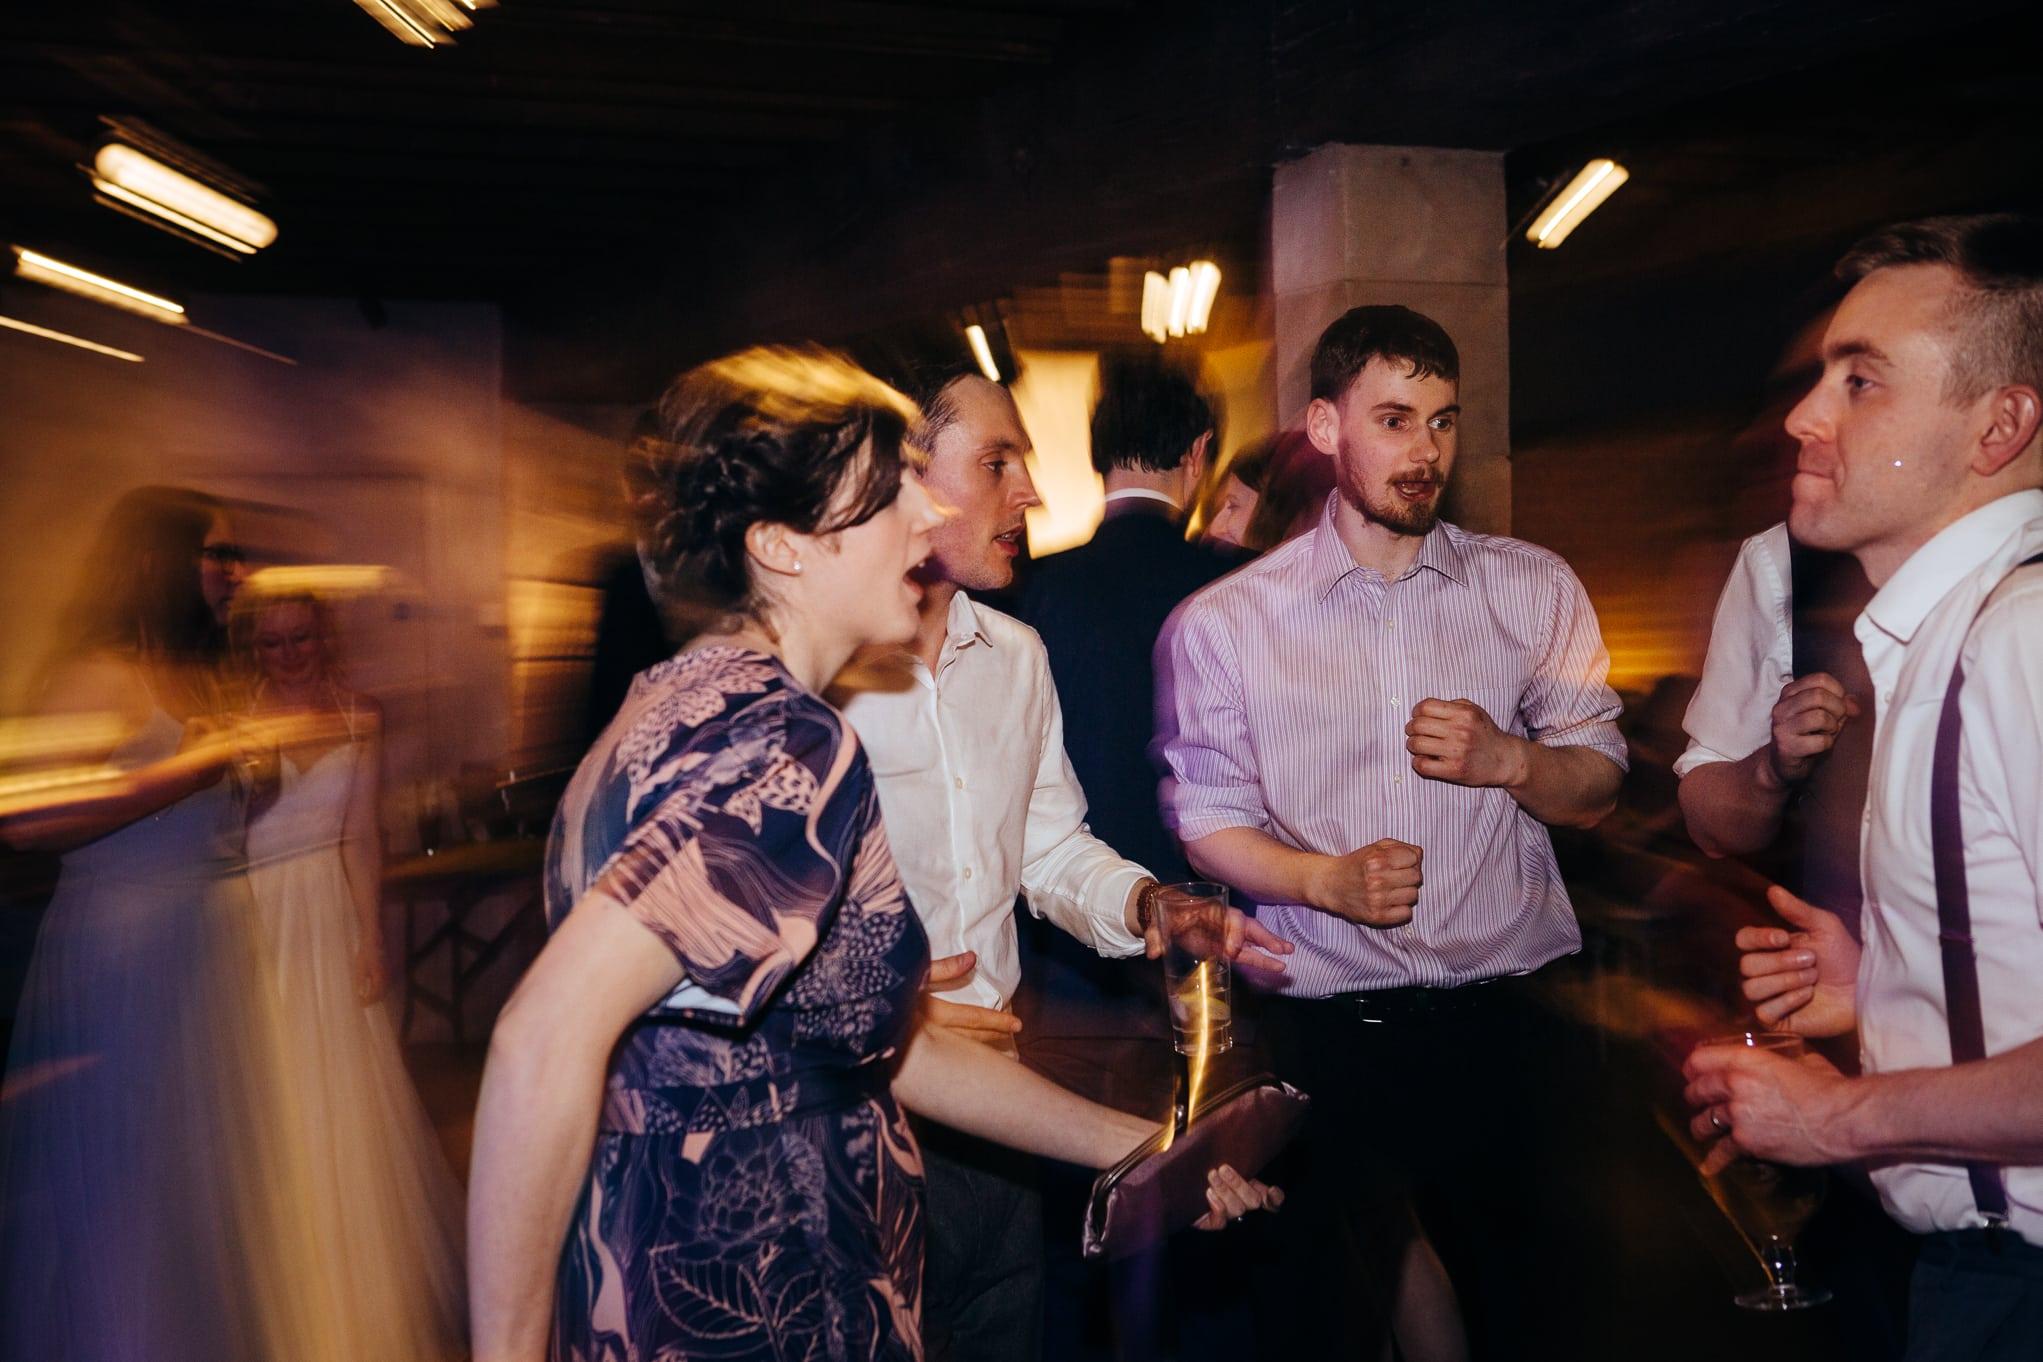 Le Petit Chateau, dancing